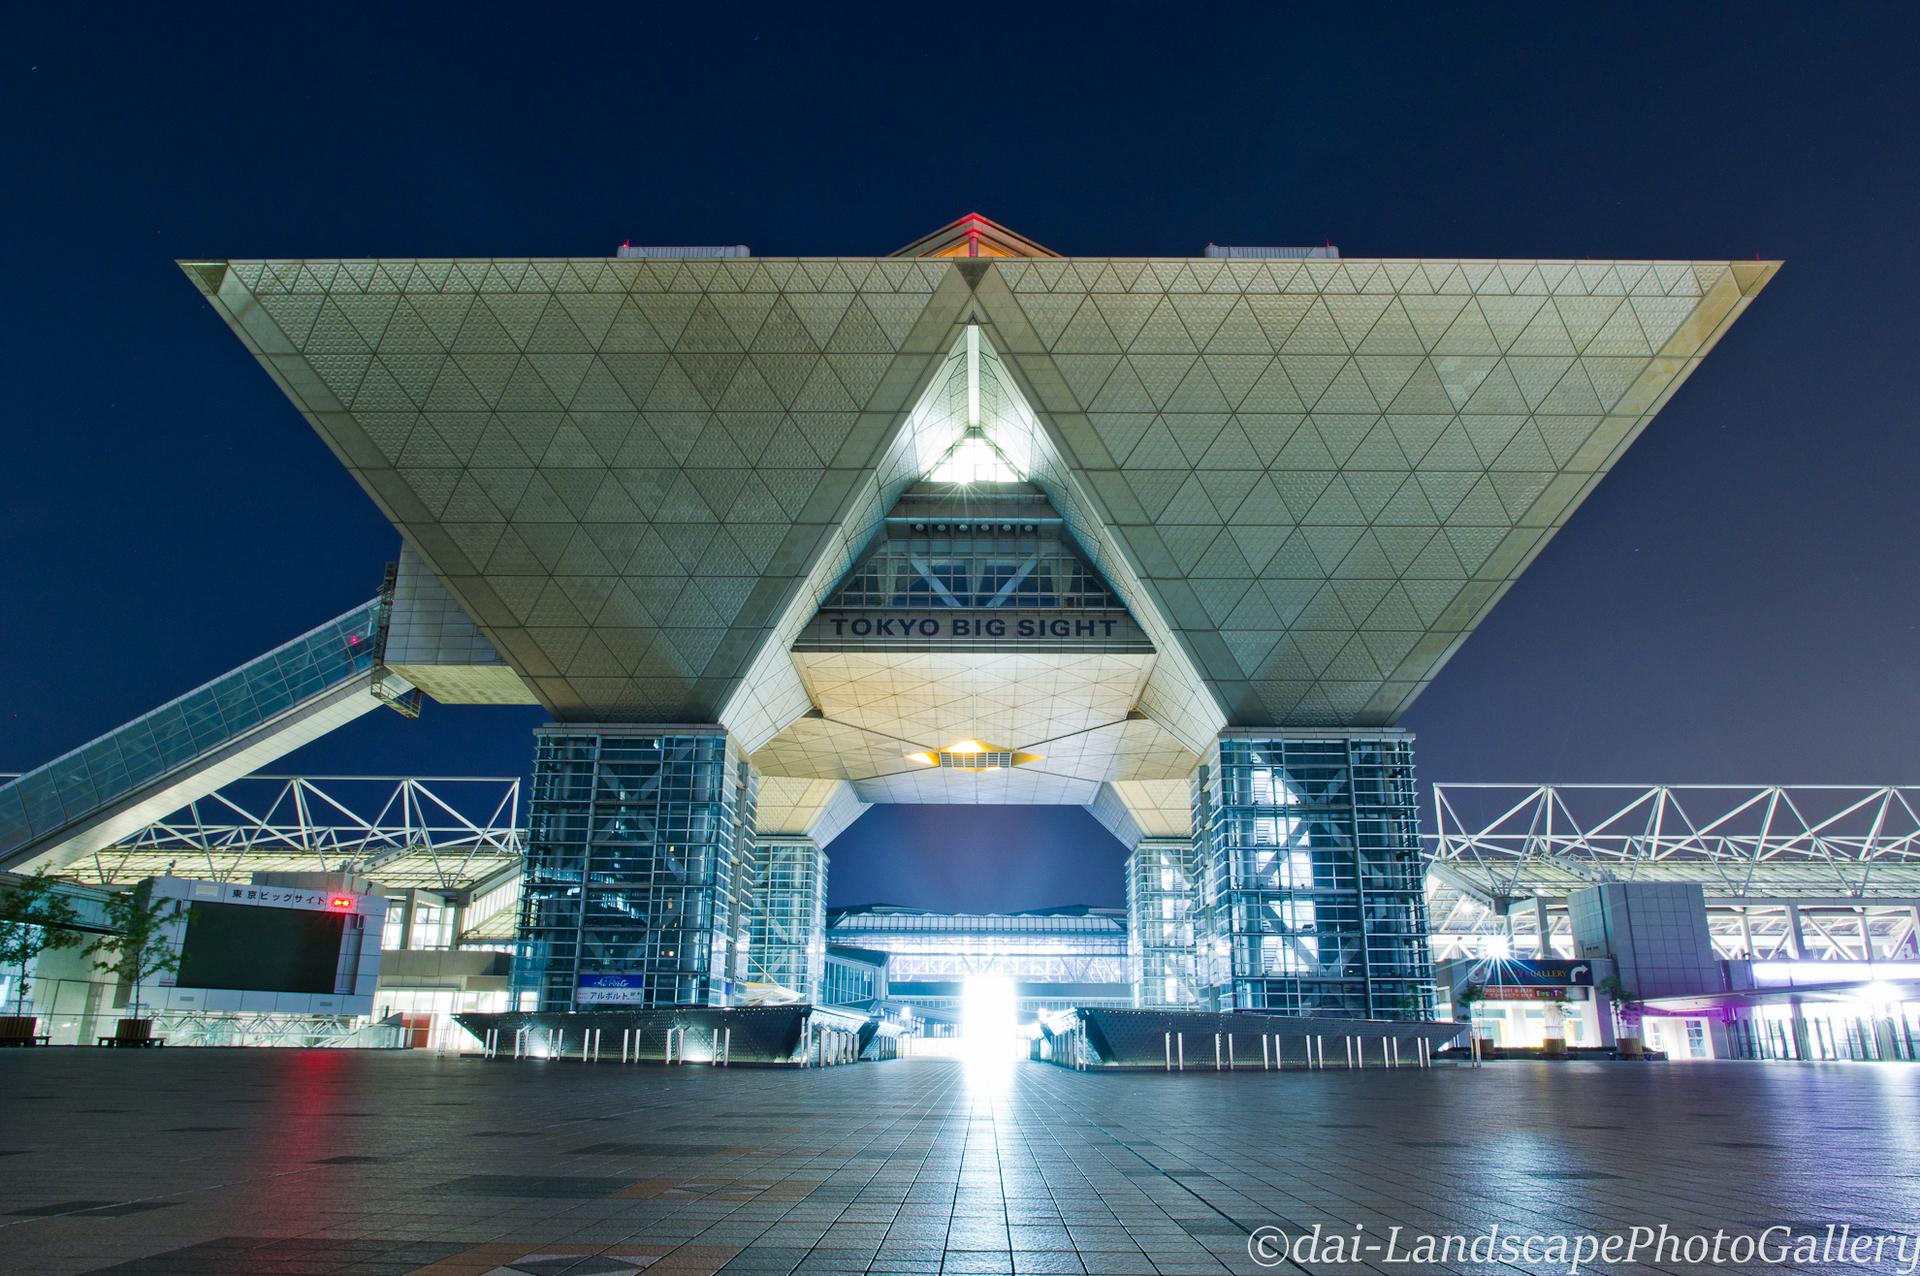 夜の東京ビックサイト